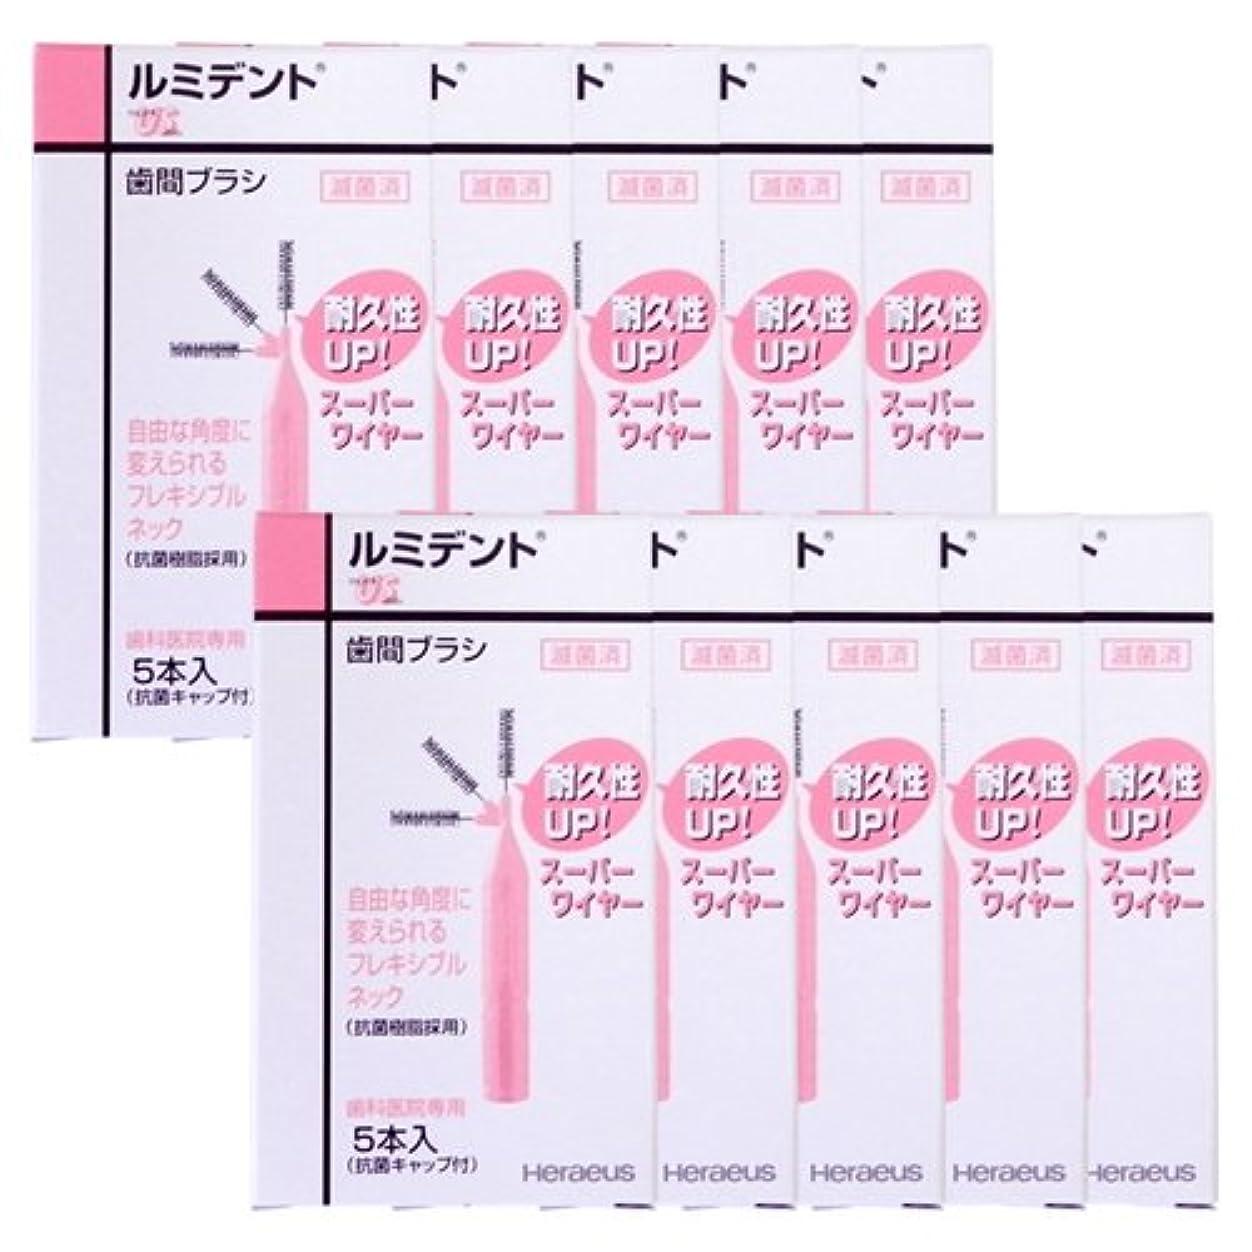 信仰トースト賠償ヘレウス ルミデント 歯間ブラシ 5本入 × 10個 US ピンク